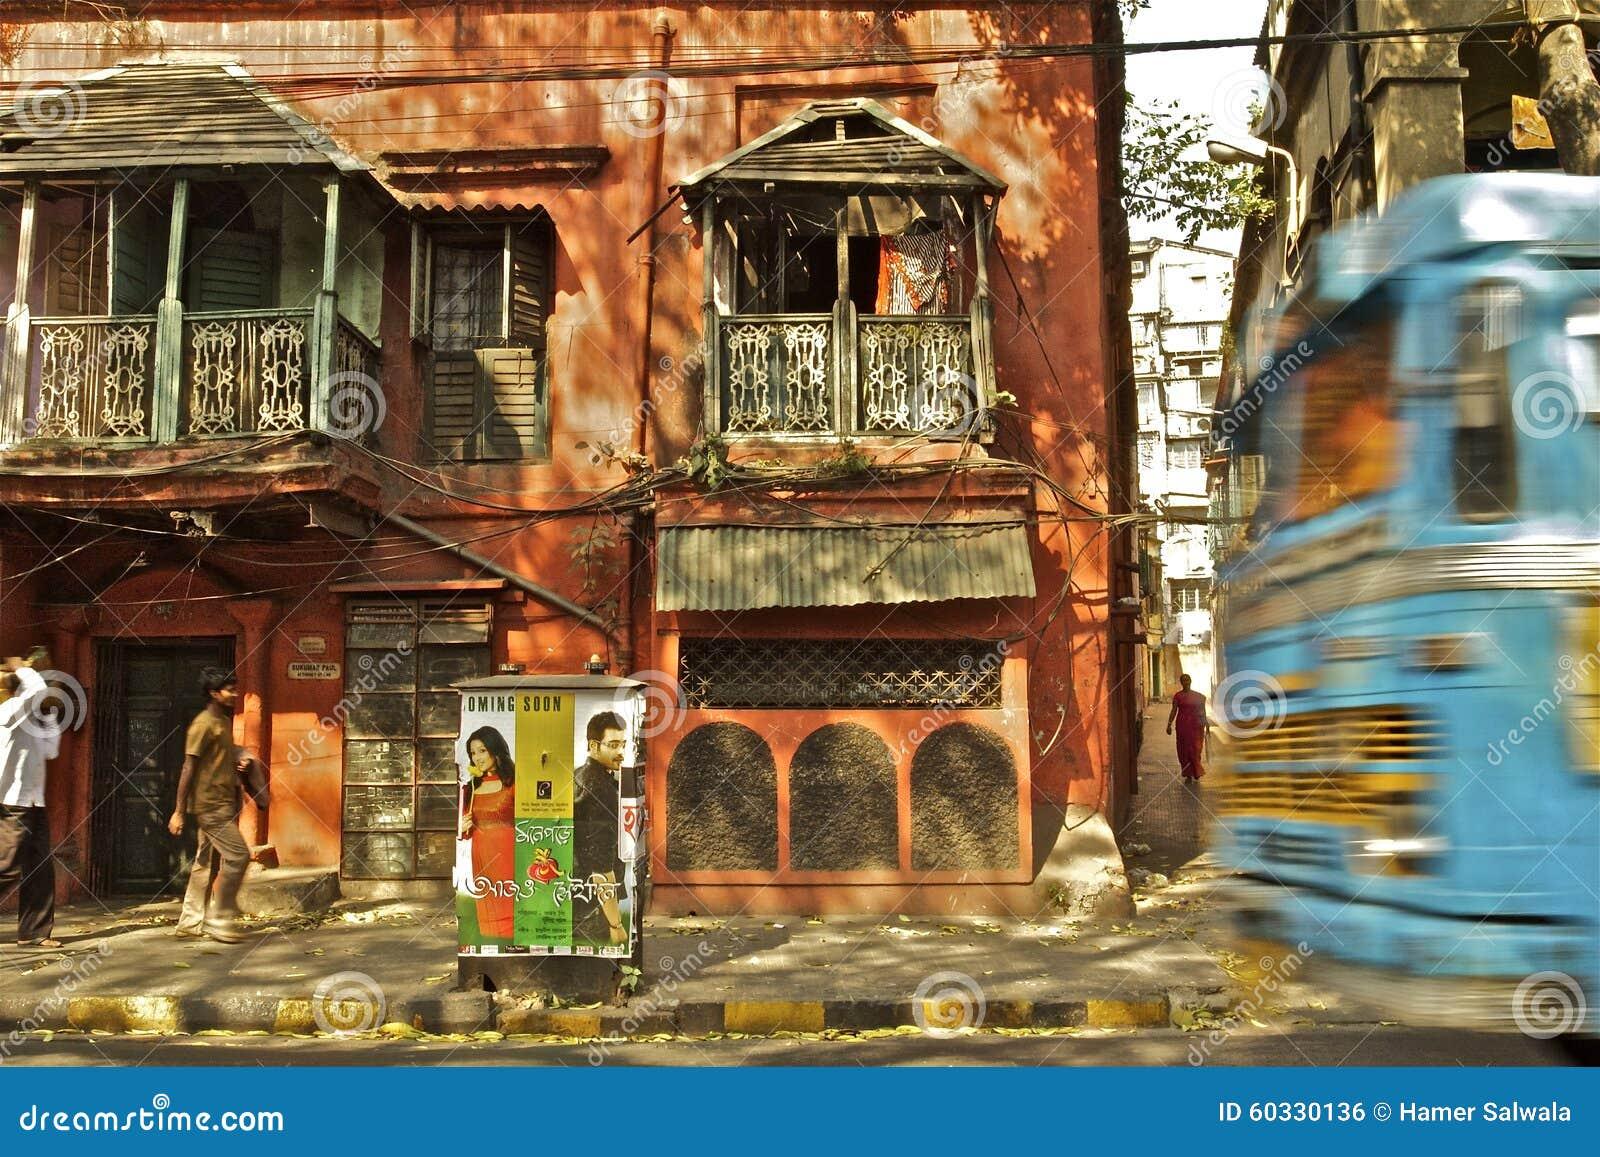 India kolkata